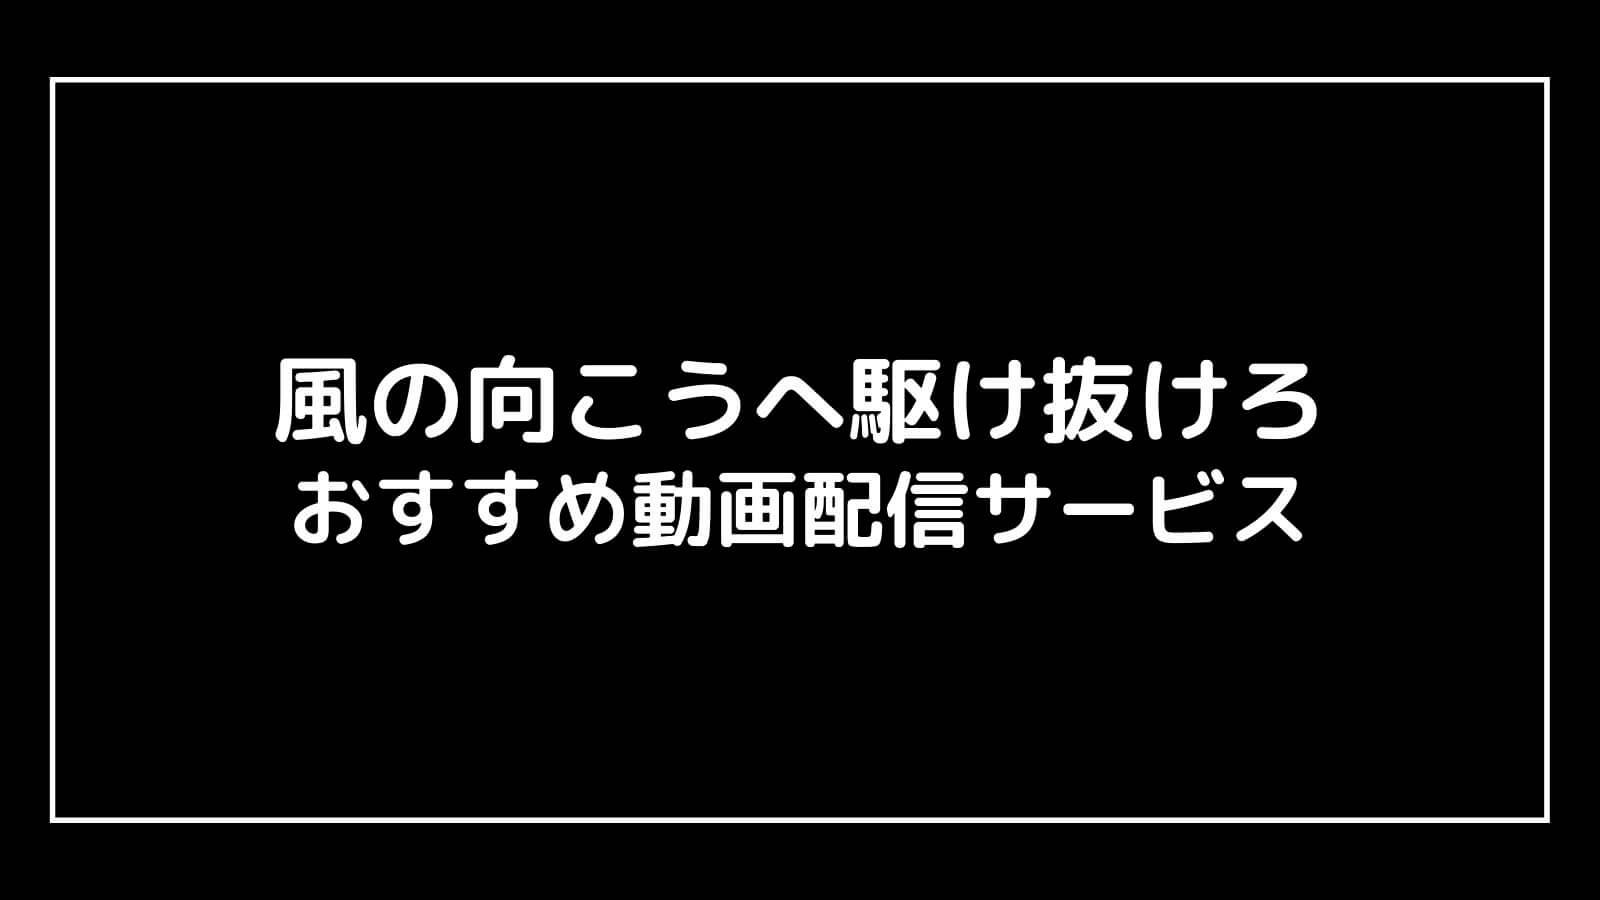 NHKドラマ『風の向こうへ駆け抜けろ』の見逃し動画配信を無料視聴できるおすすめサブスクまとめ